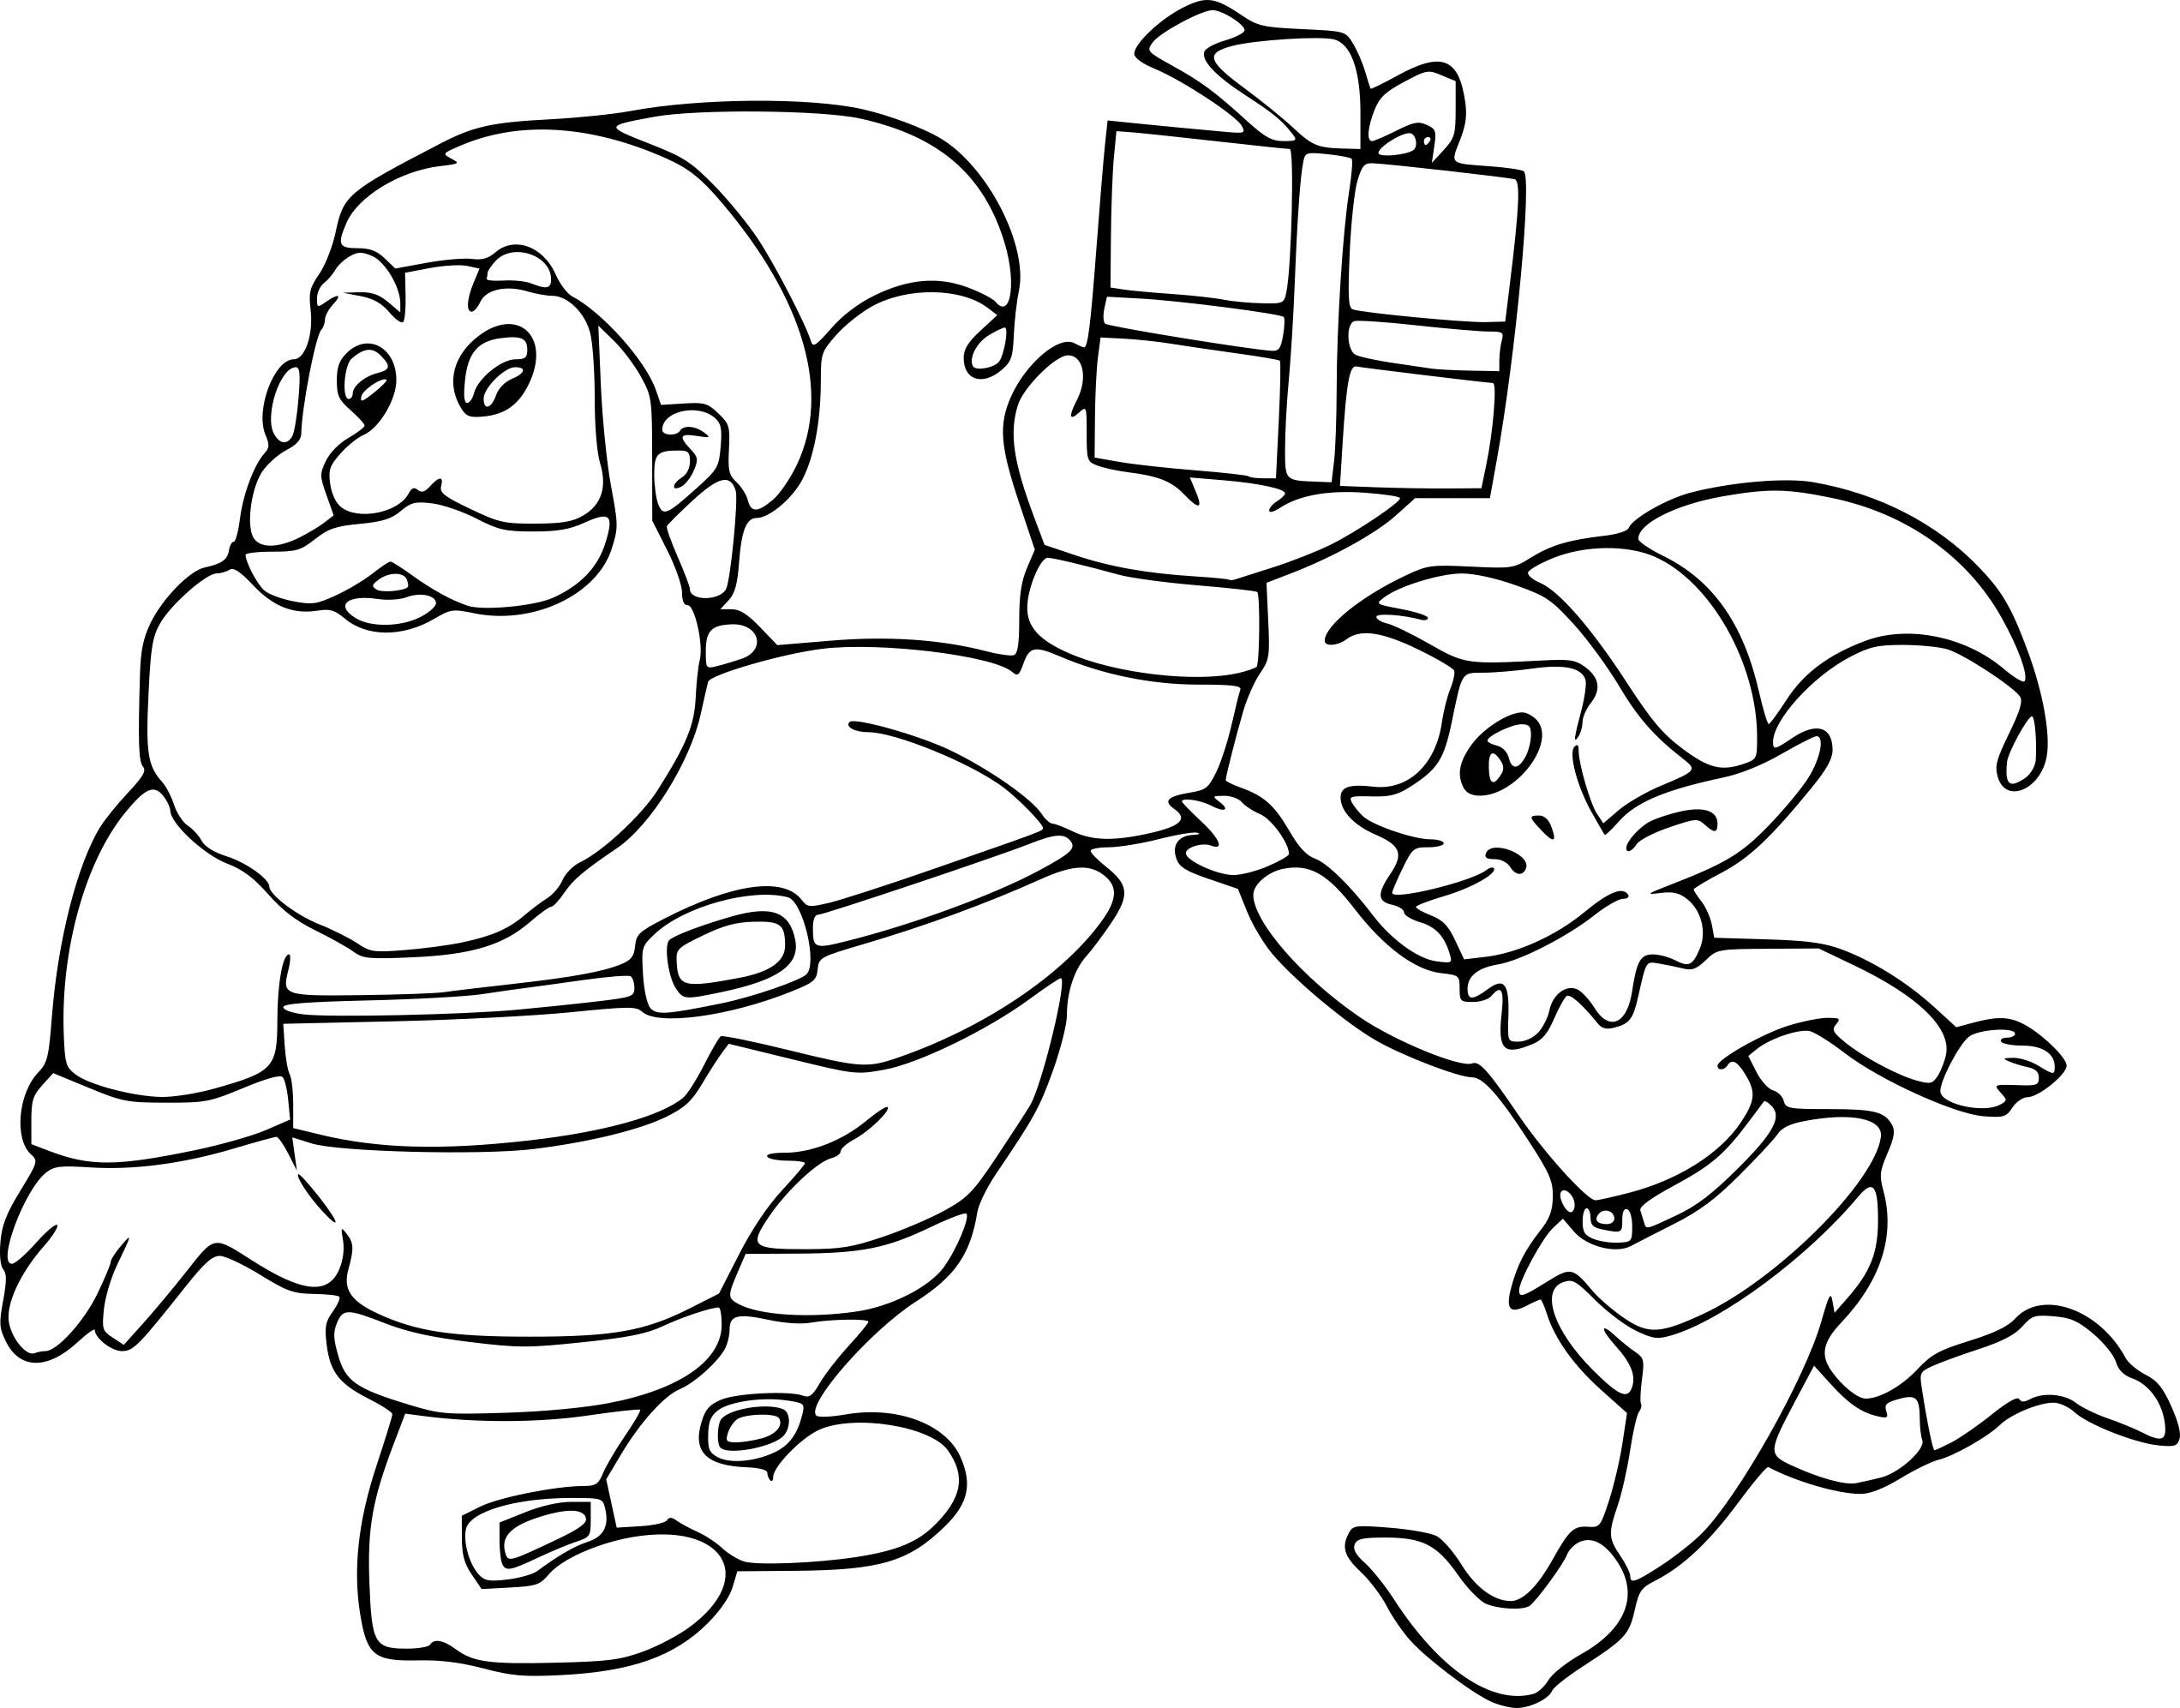 Coloriage Père Noel Et Lutin À Imprimer Sur Coloriages serapportantà Coloriage Pere Noel À Imprimer Gratuit